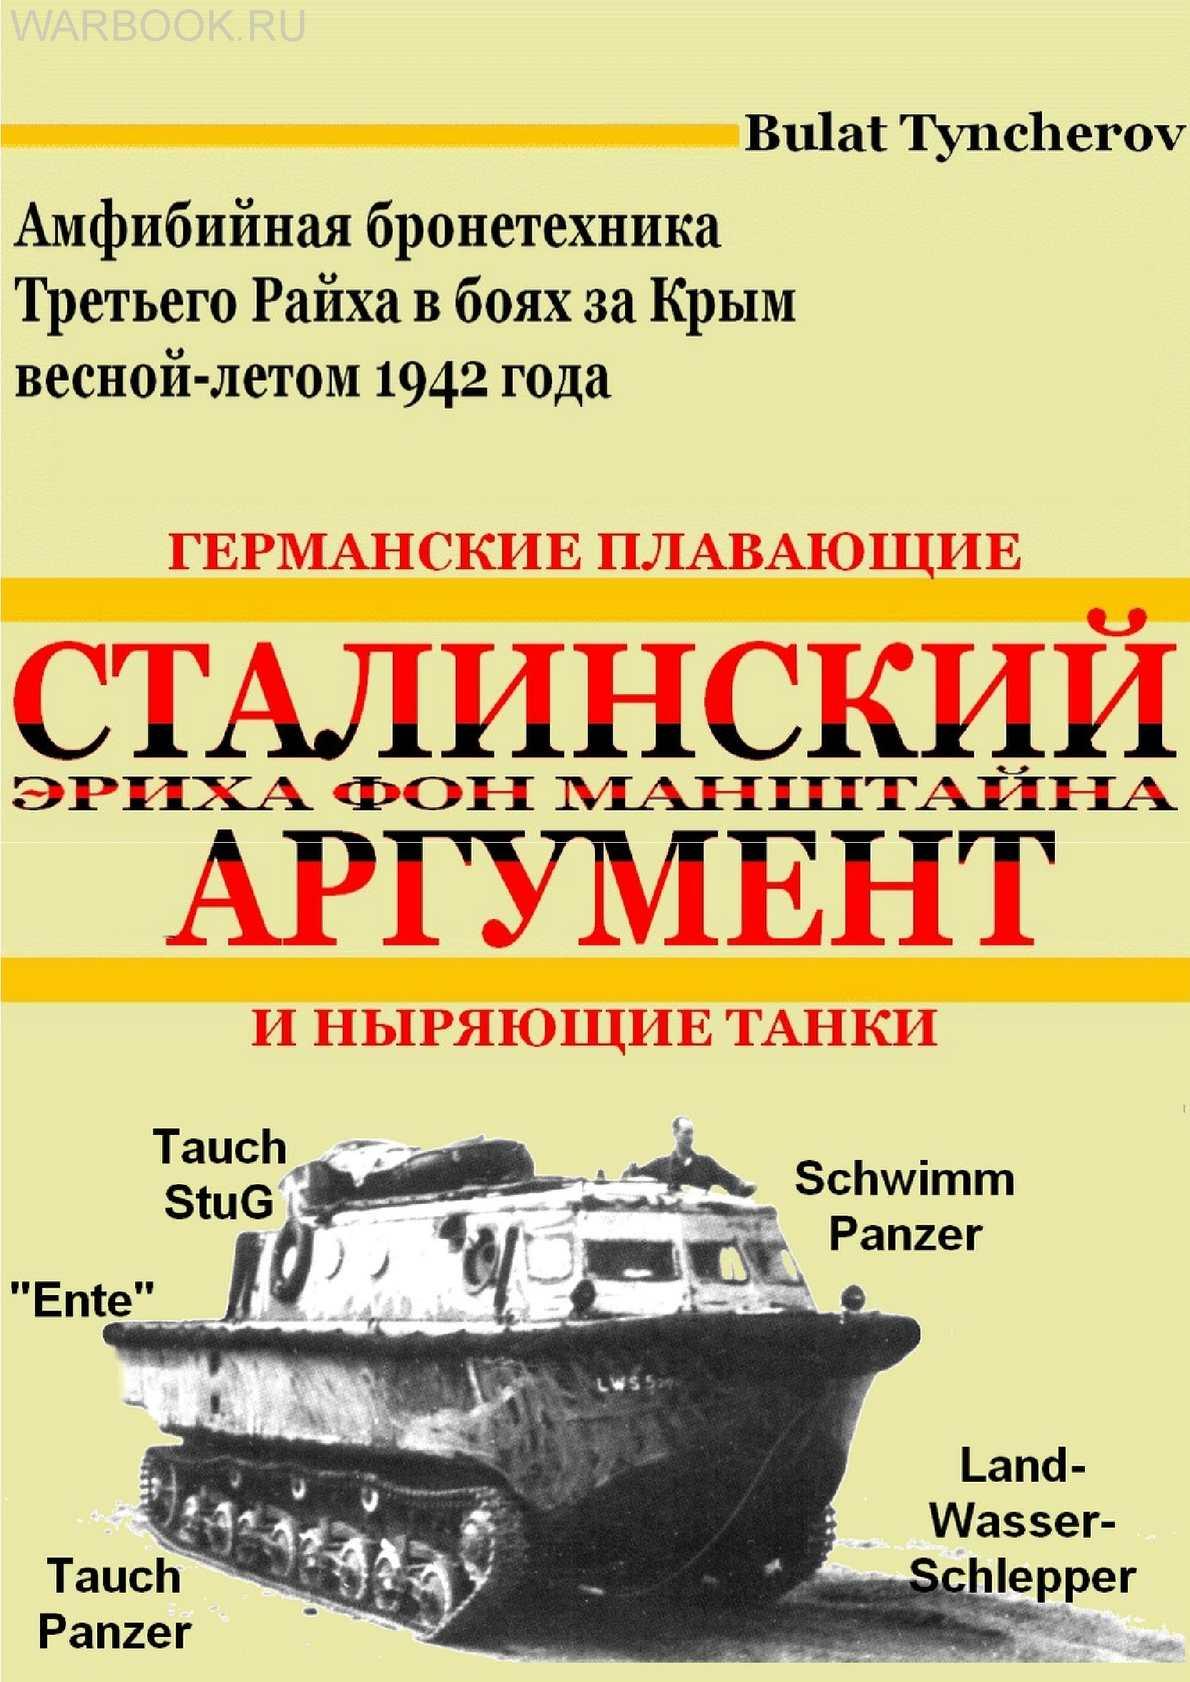 Германские плавающие и ныряющие танки_Амфибийная бронетехника в боях за Крым весной-летом 1942 года